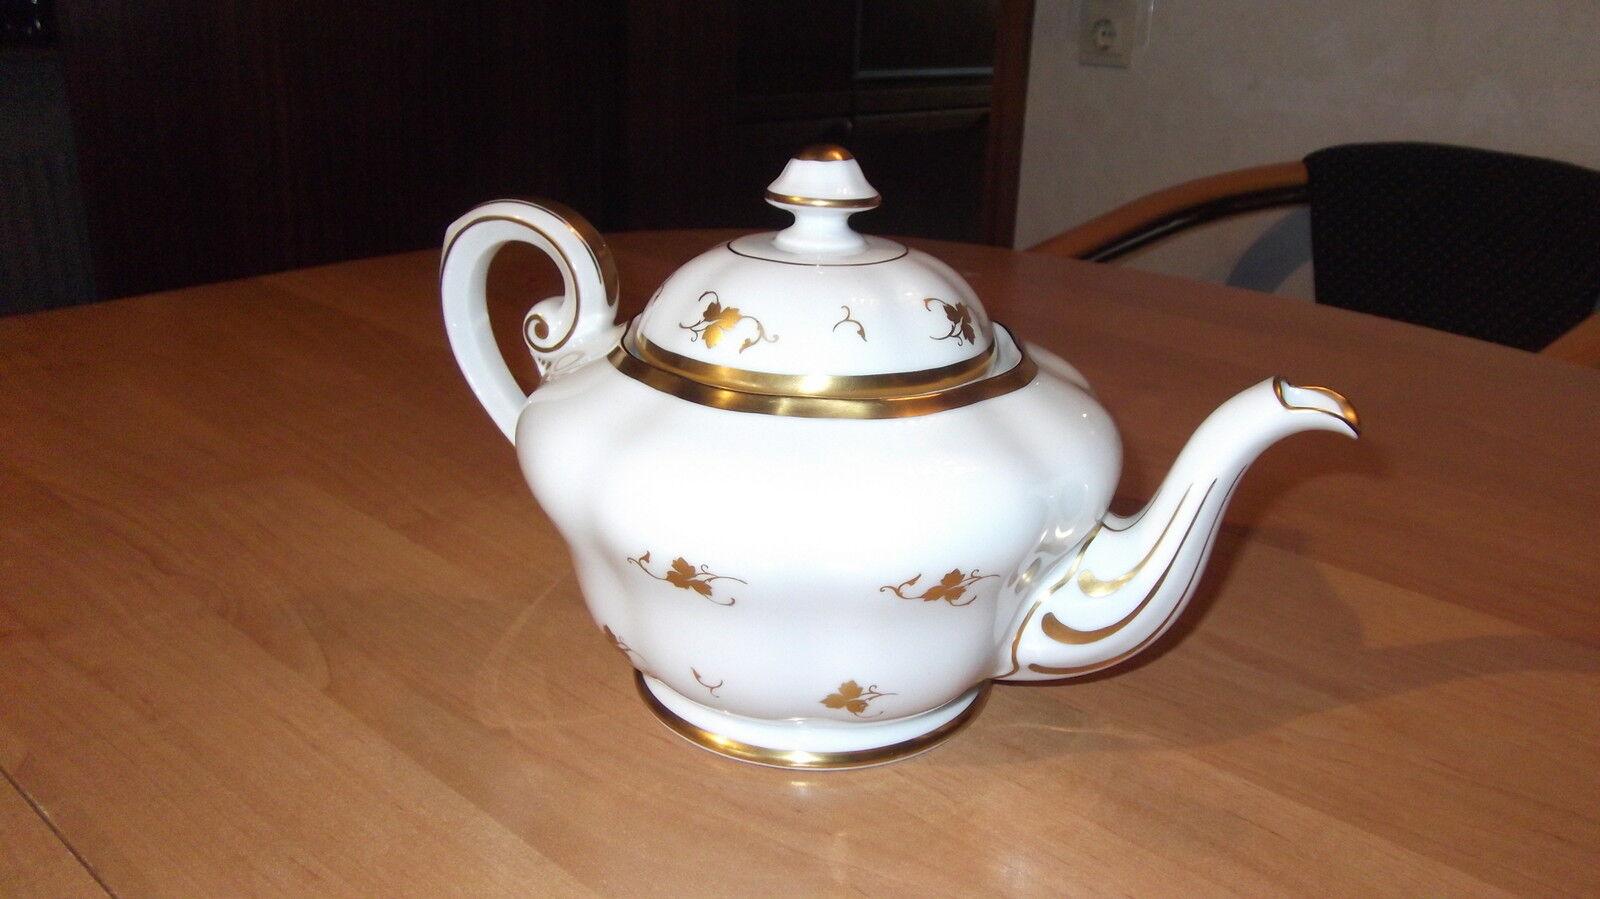 Tirschenreuth Teeservice für 6 Personen Personen Personen 951c4e